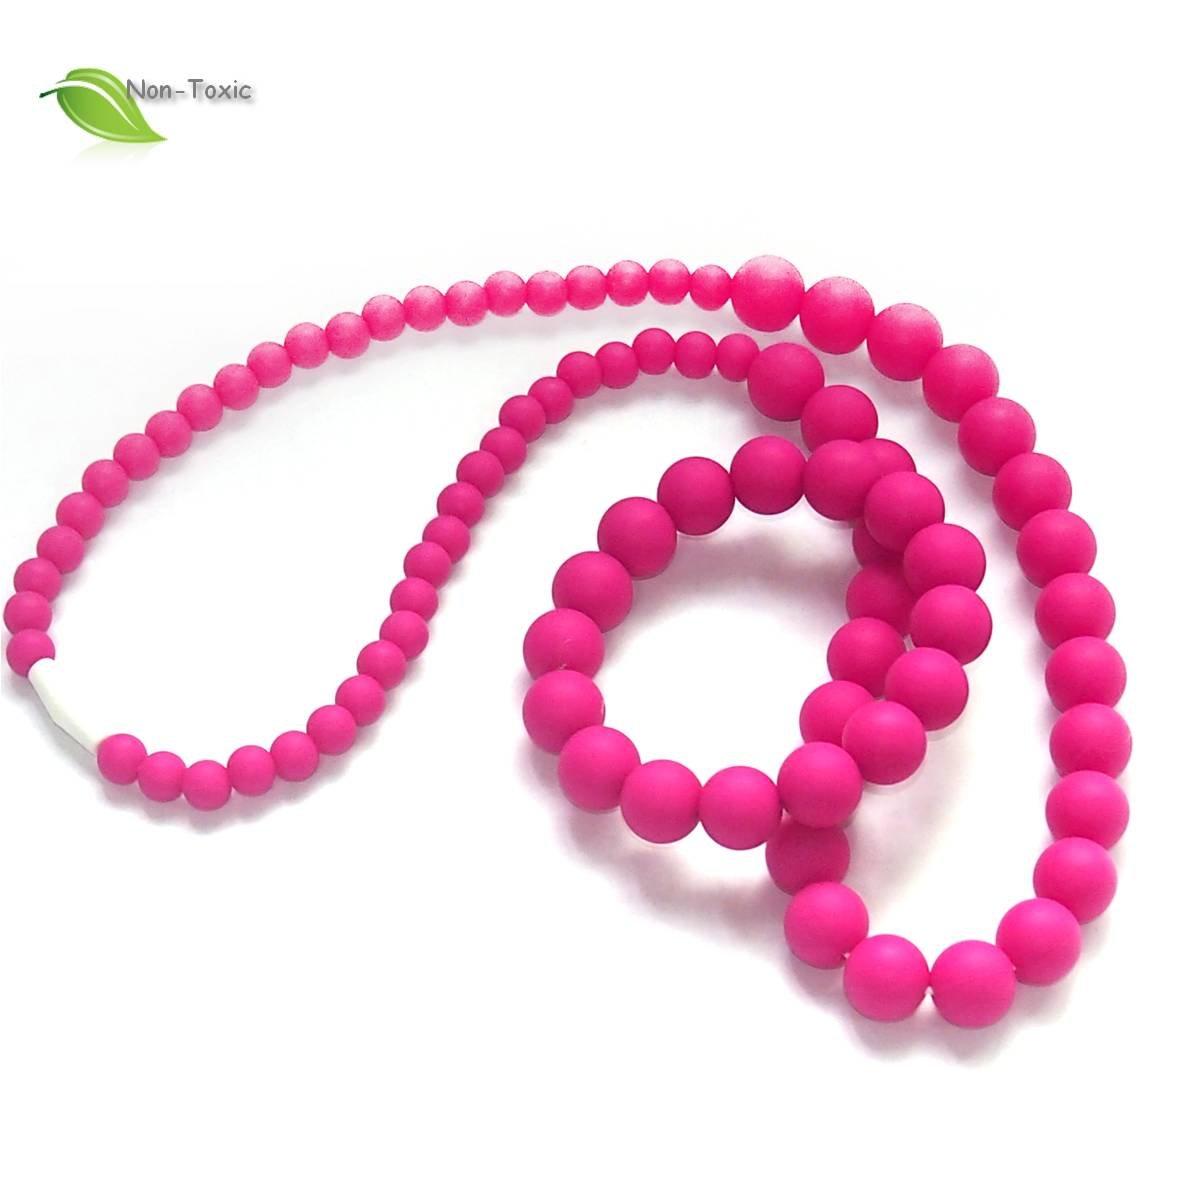 最新最全の Silicone Teething Necklace BPA - by Modern Ohana - Necklace Ohana BPA Free, Silicone Jewelry for Mom and Baby (Round Beads Necklace and Bracelet Set) (Pink/Fuchsia) by Modern Ohana B00P6O6Y00, GLOBAL MOTO:94d6540c --- teste.bsicapital.com.br